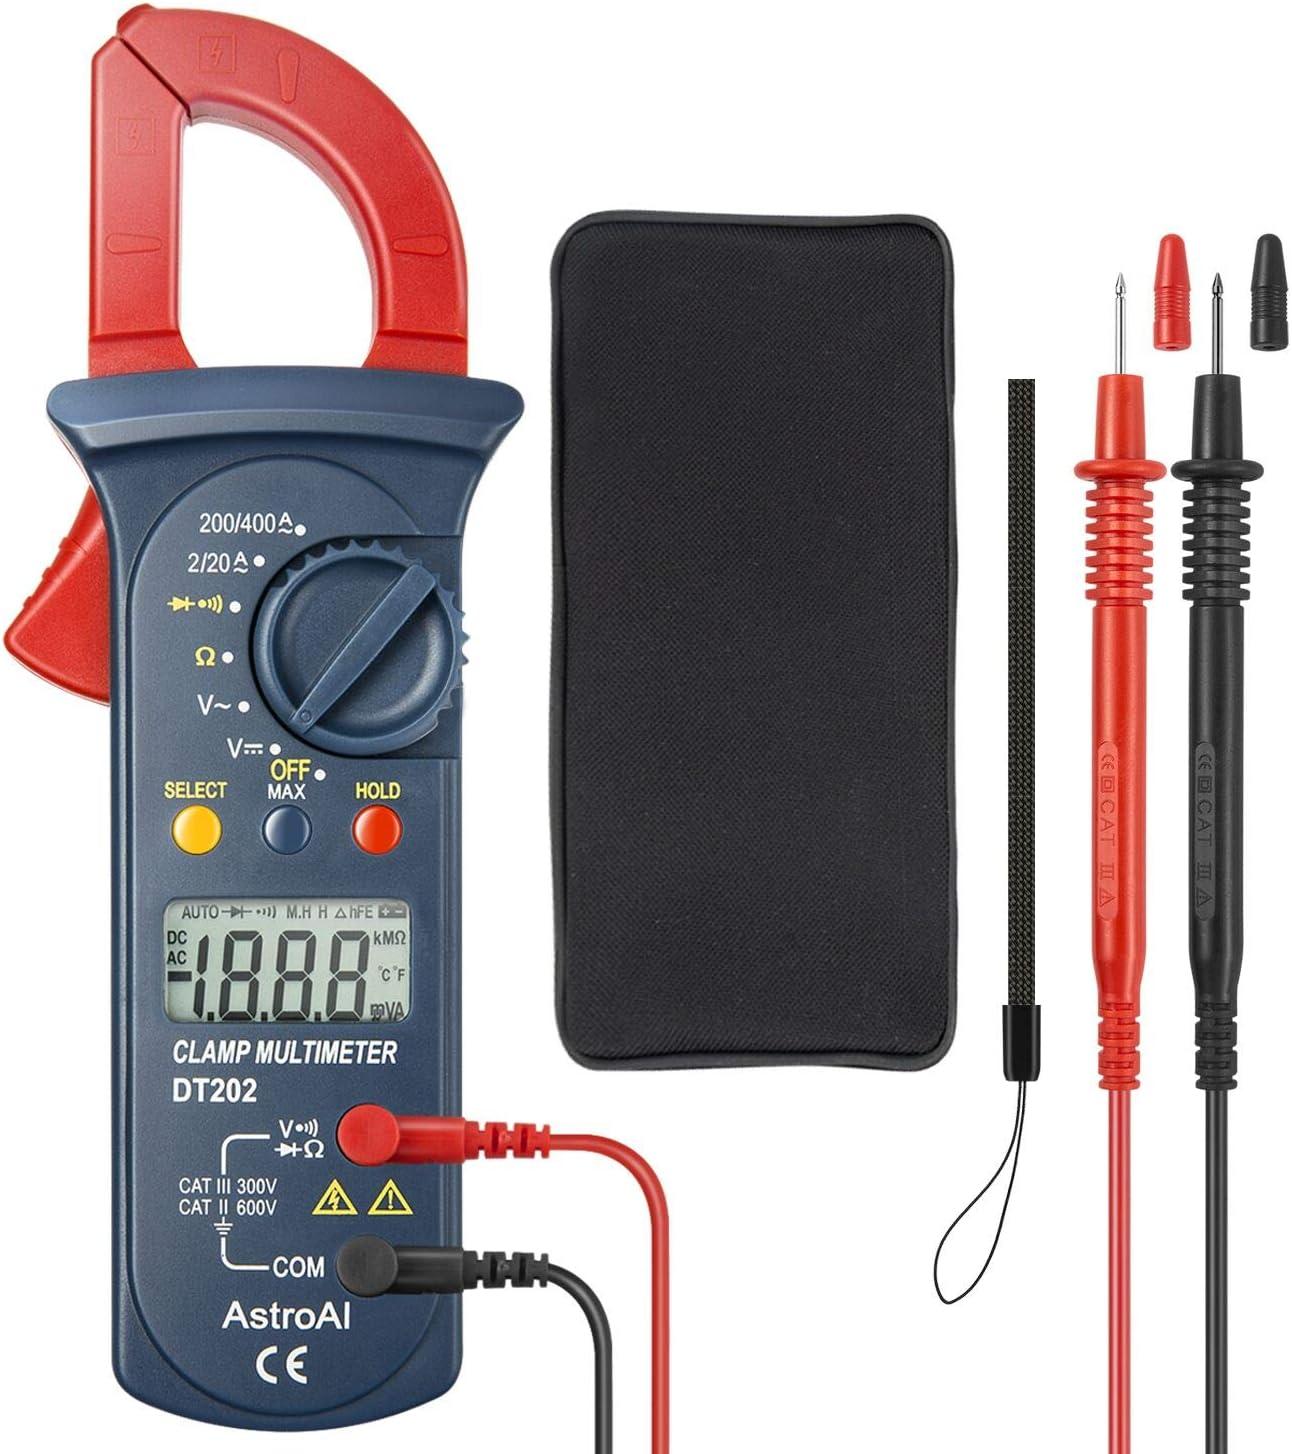 Mini Multim/ètre Digital Testeur de Tension DC//Voltm/ètre //R/ésistance //Continuit/é //Diodes AstroAI Multim/ètre Num/érique Portable